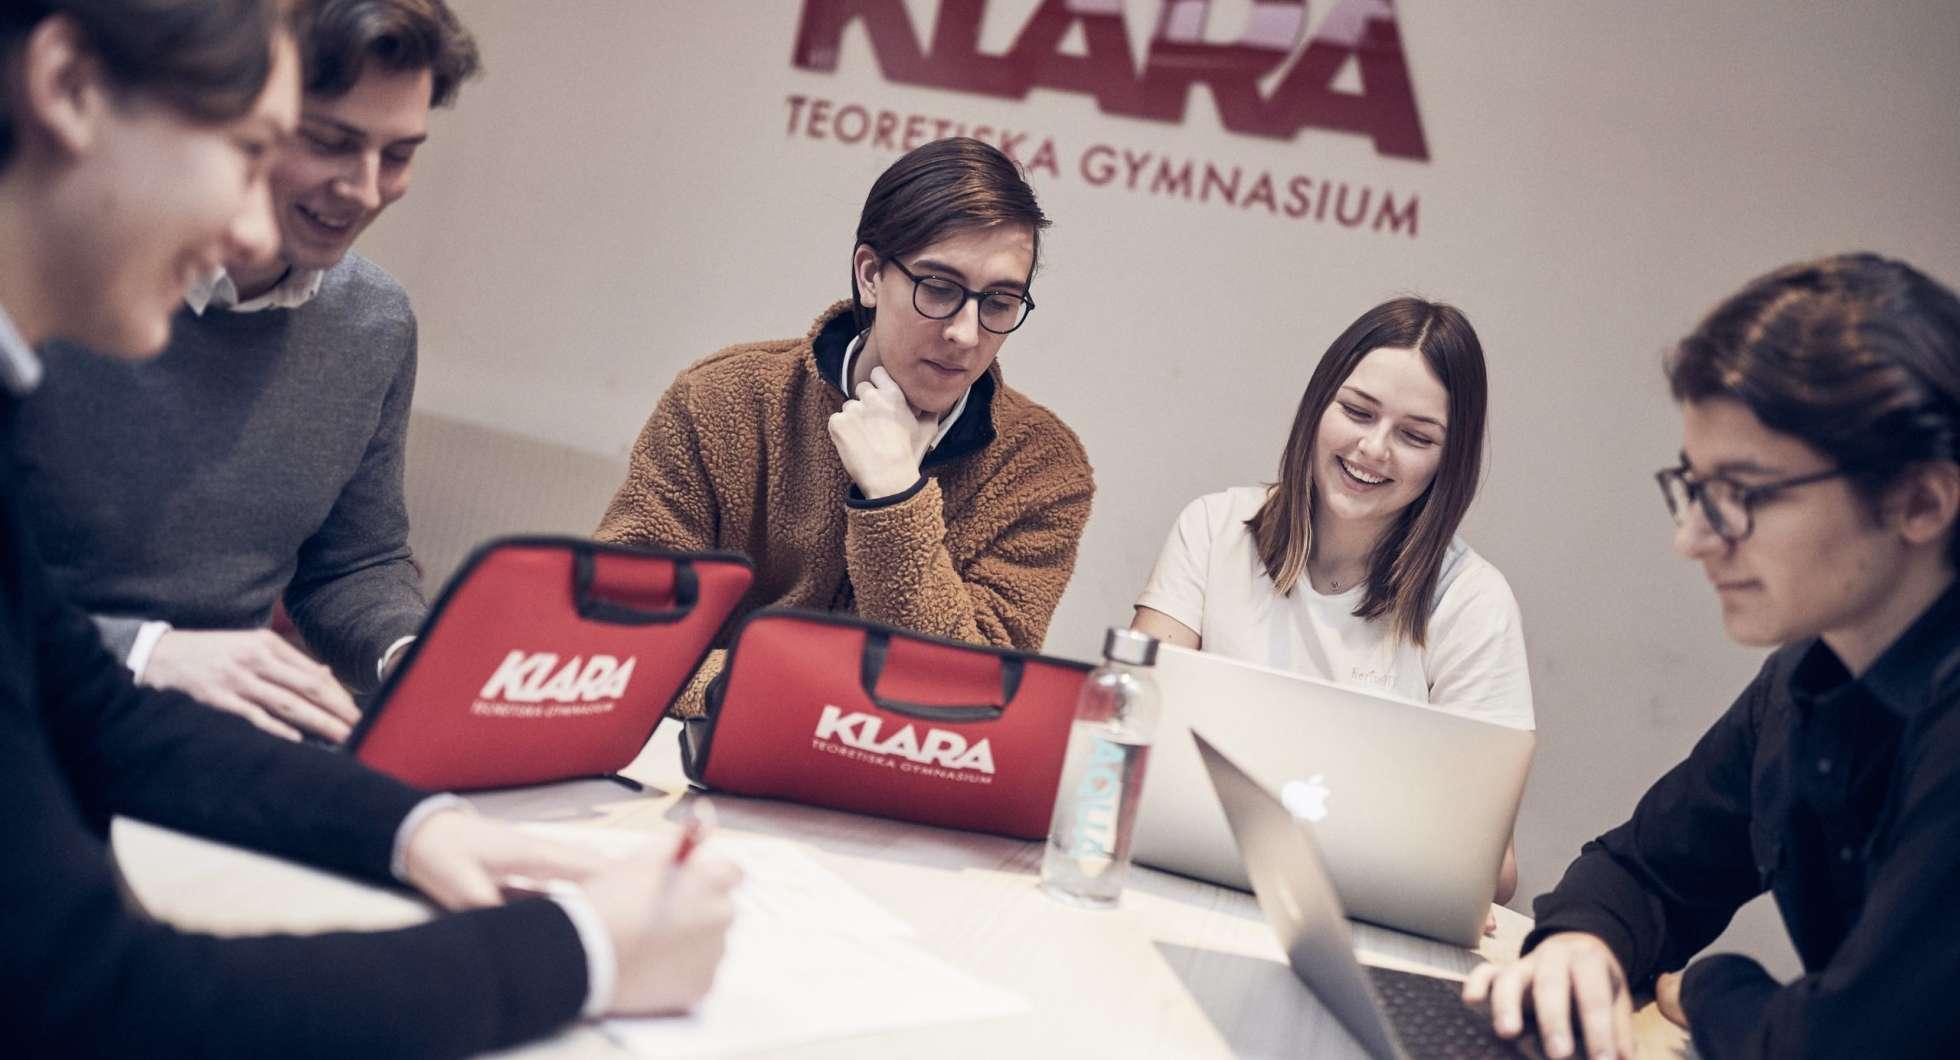 Gymnasieskola inom Academedia blir kunder!